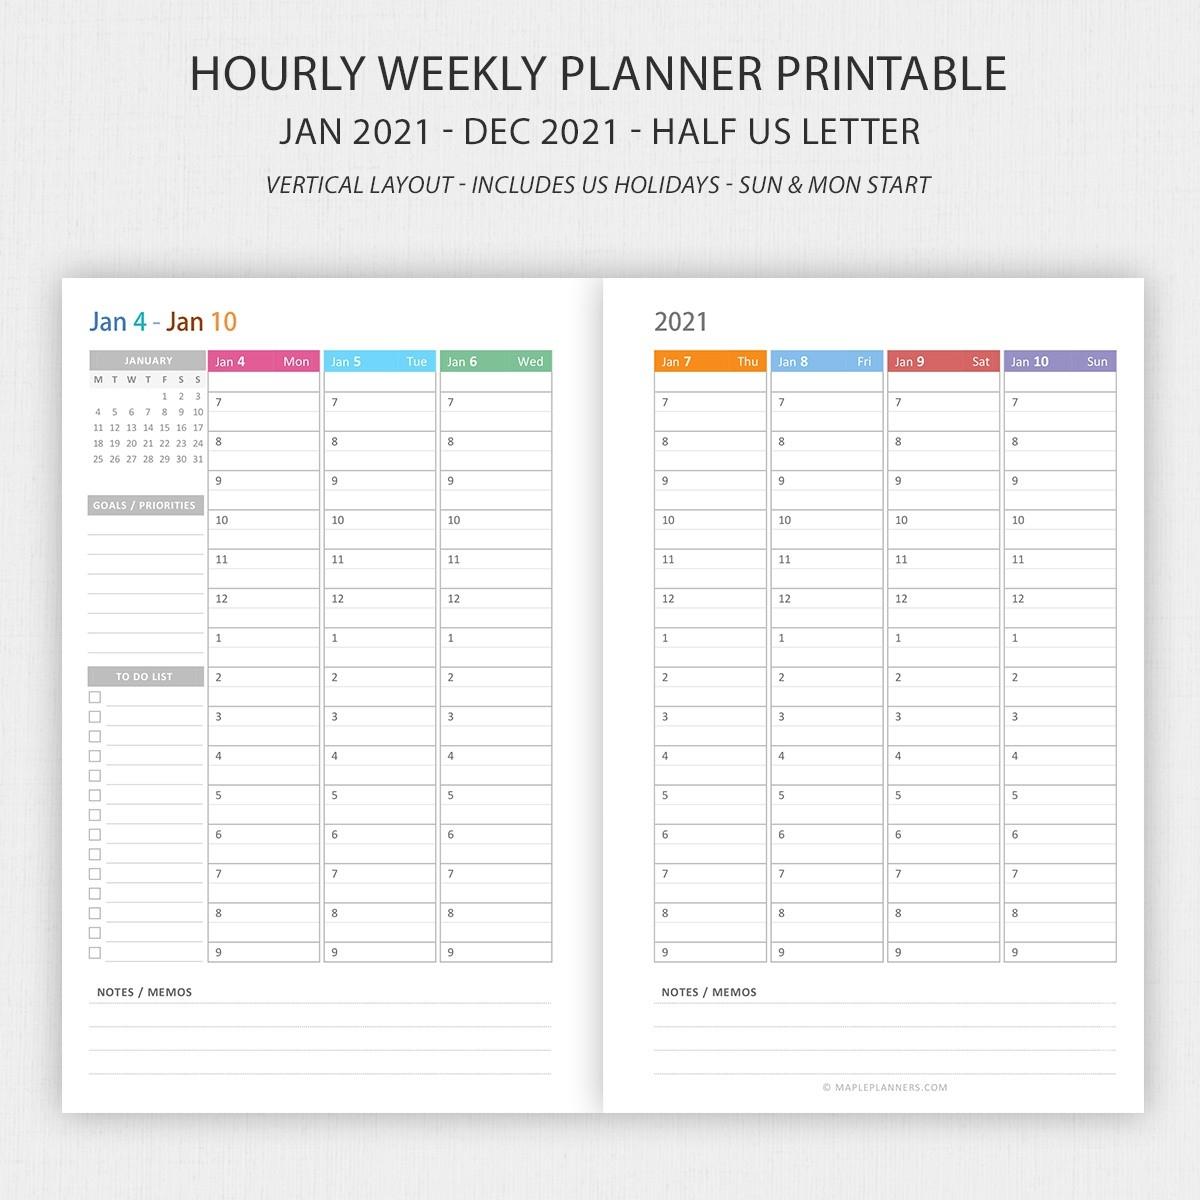 Half Letter Vertical Weekly Planner 2021 Printable  2021 Printable Hourly Calendar